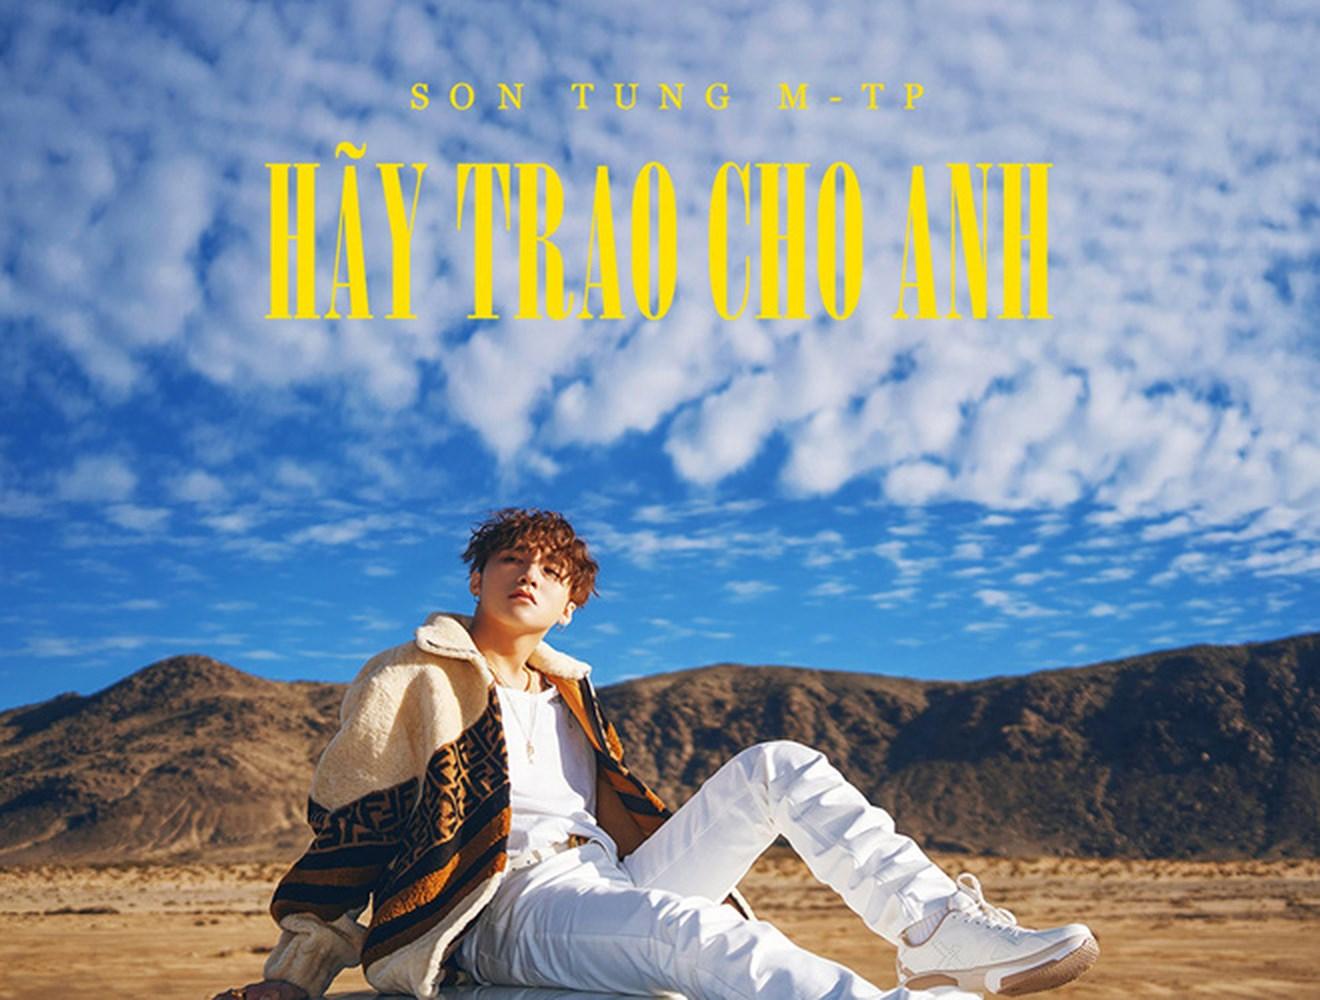 Bộ hình nền Sơn Tùng Mtp cute đẹp nhất cho điện thoại trong MV Hãy Trao Cho Anh